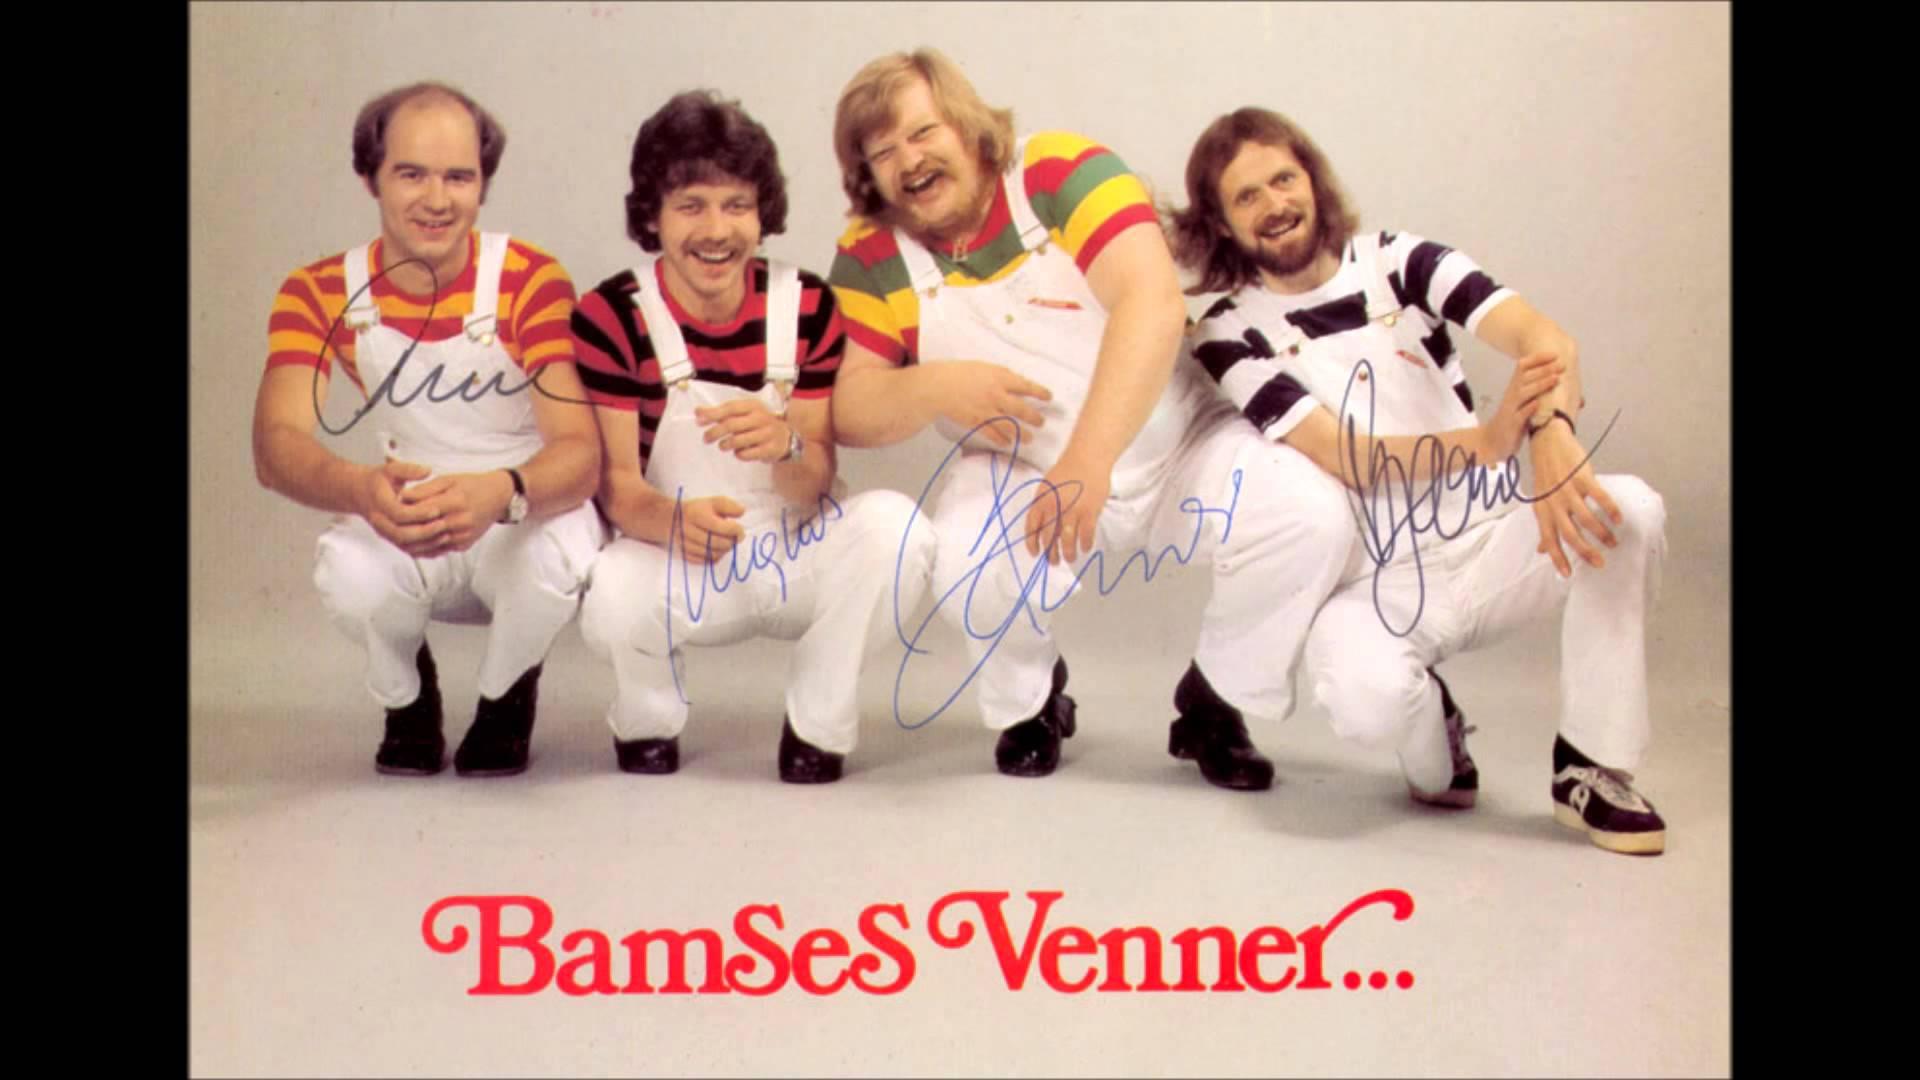 Bamses Venner